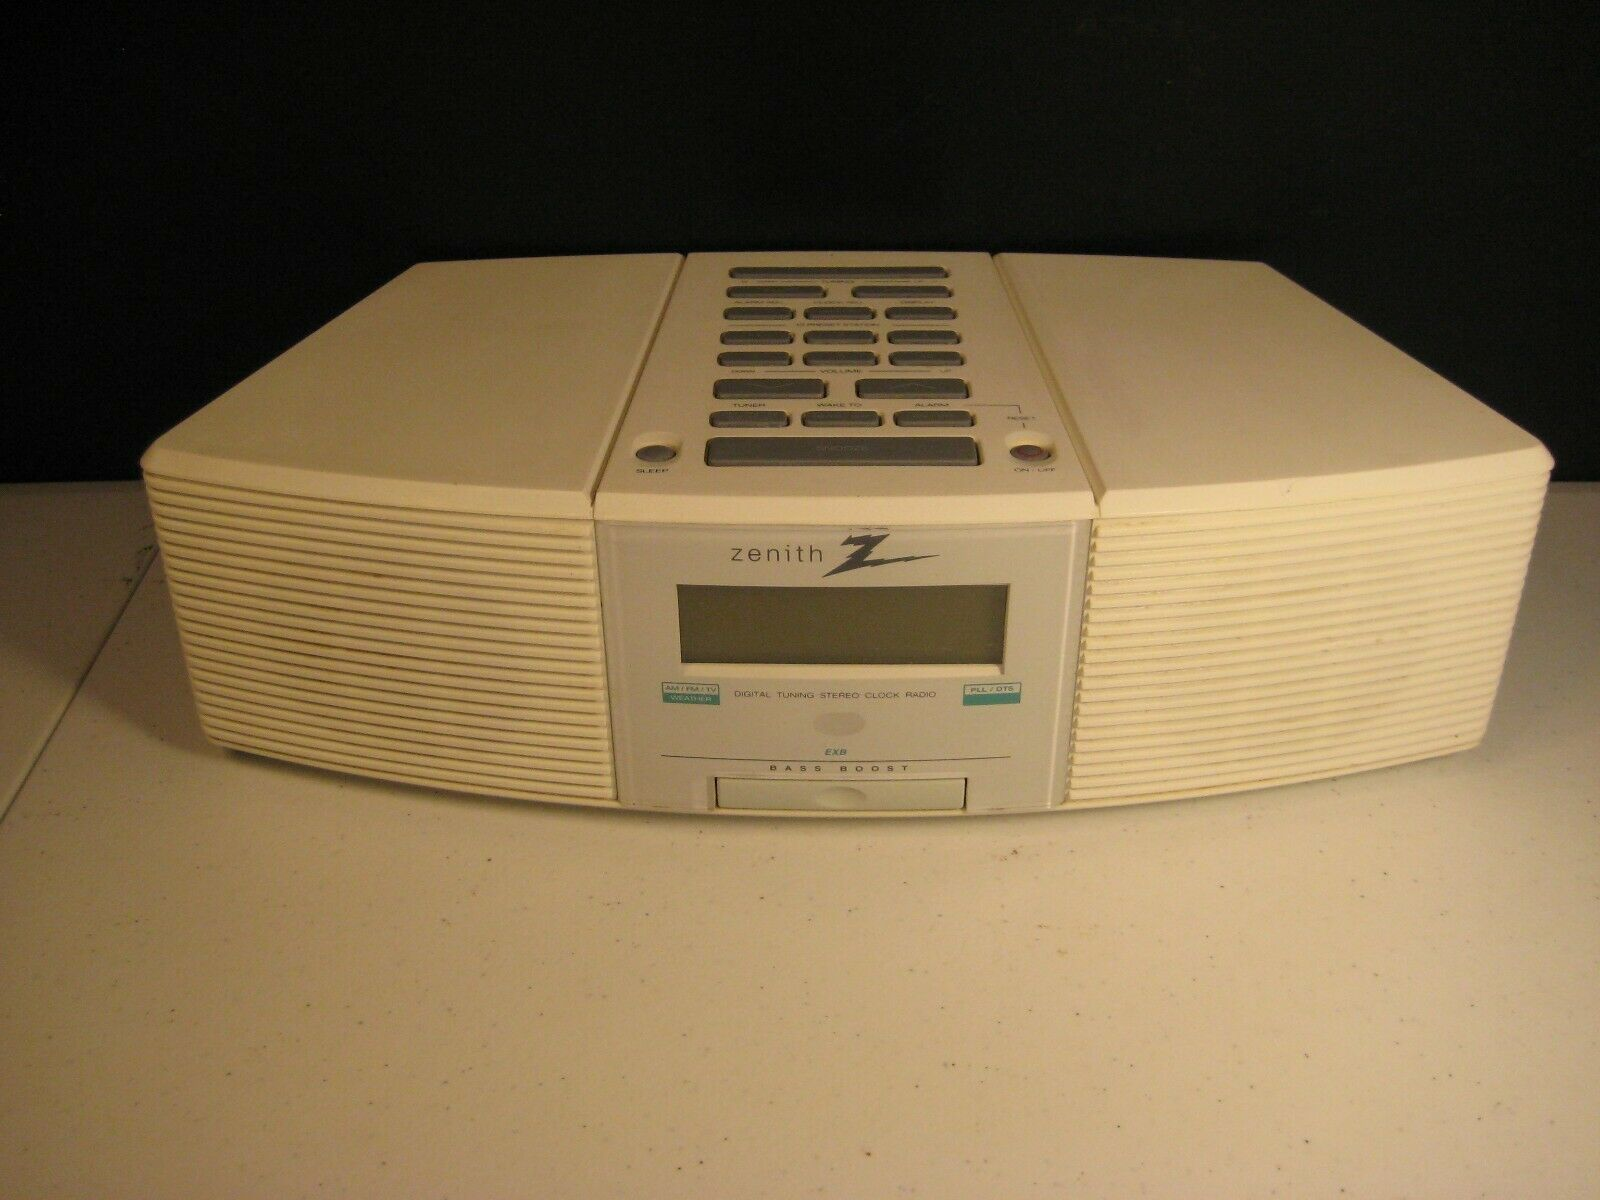 Zenith Clock Radio Stereo Z213W AM/FM/Weather with AUX